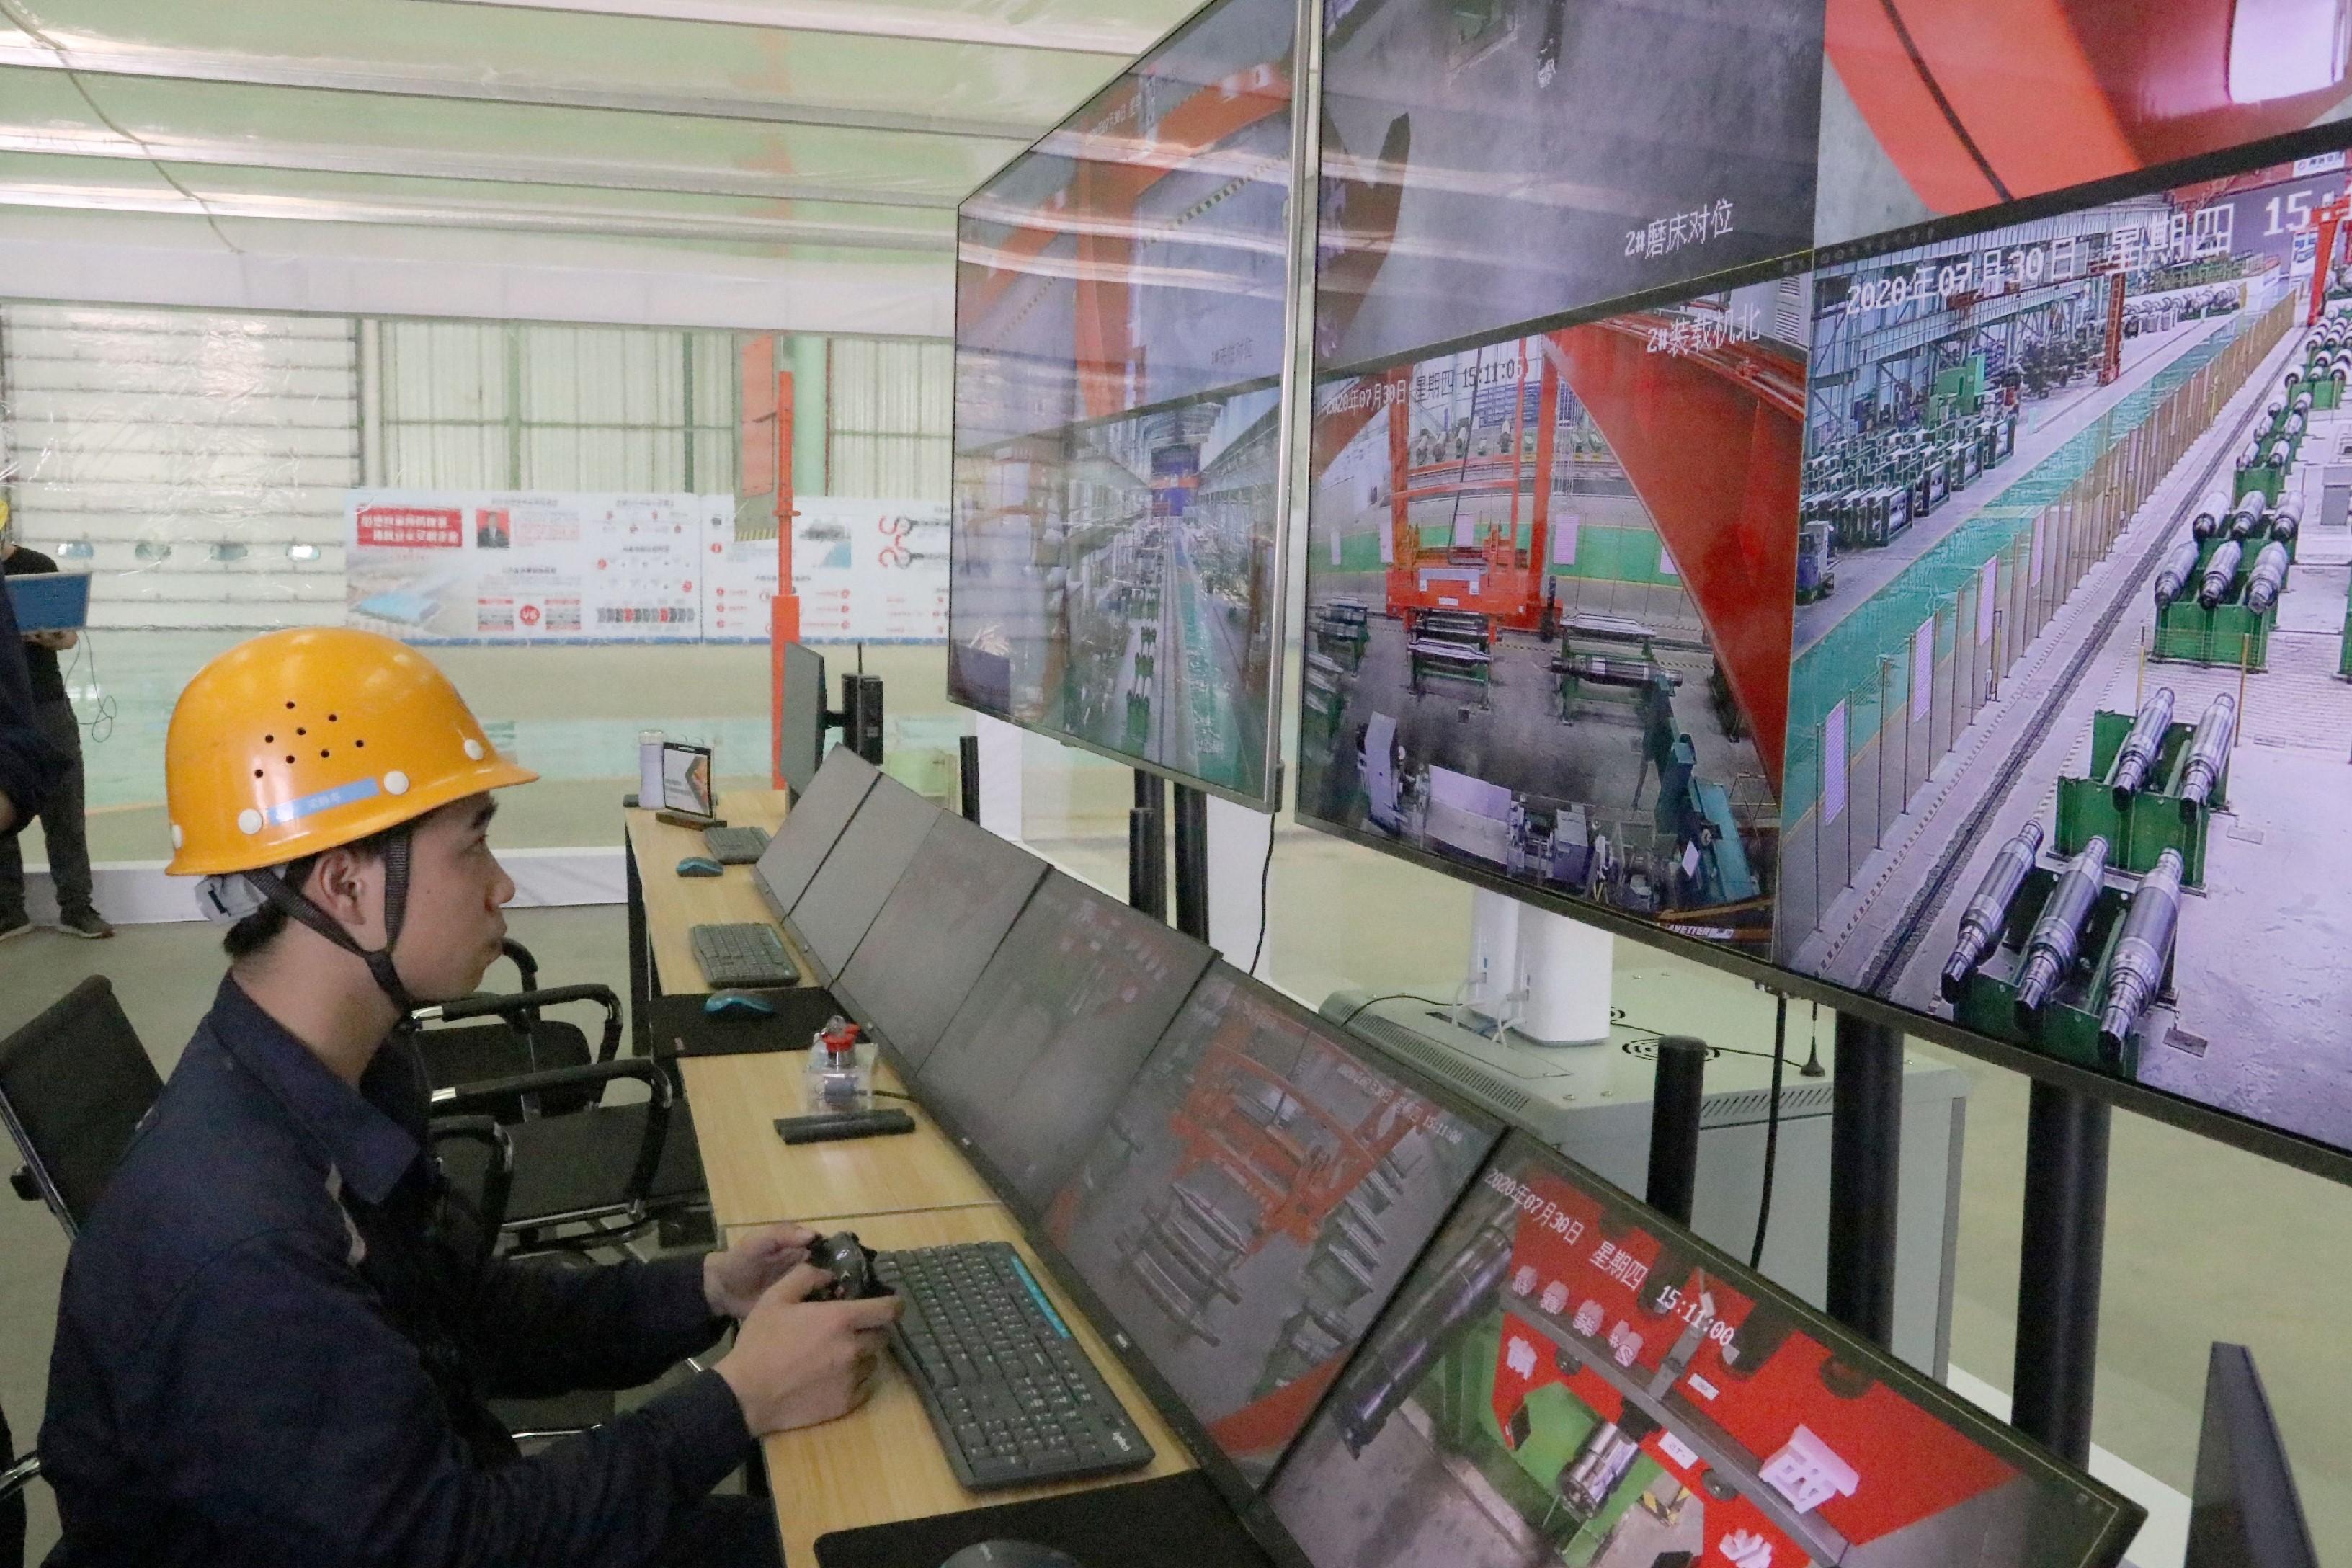 柳钢的技术人员正在使用改造过的游戏机手柄操控5G智能装载机。覃丽颖 摄